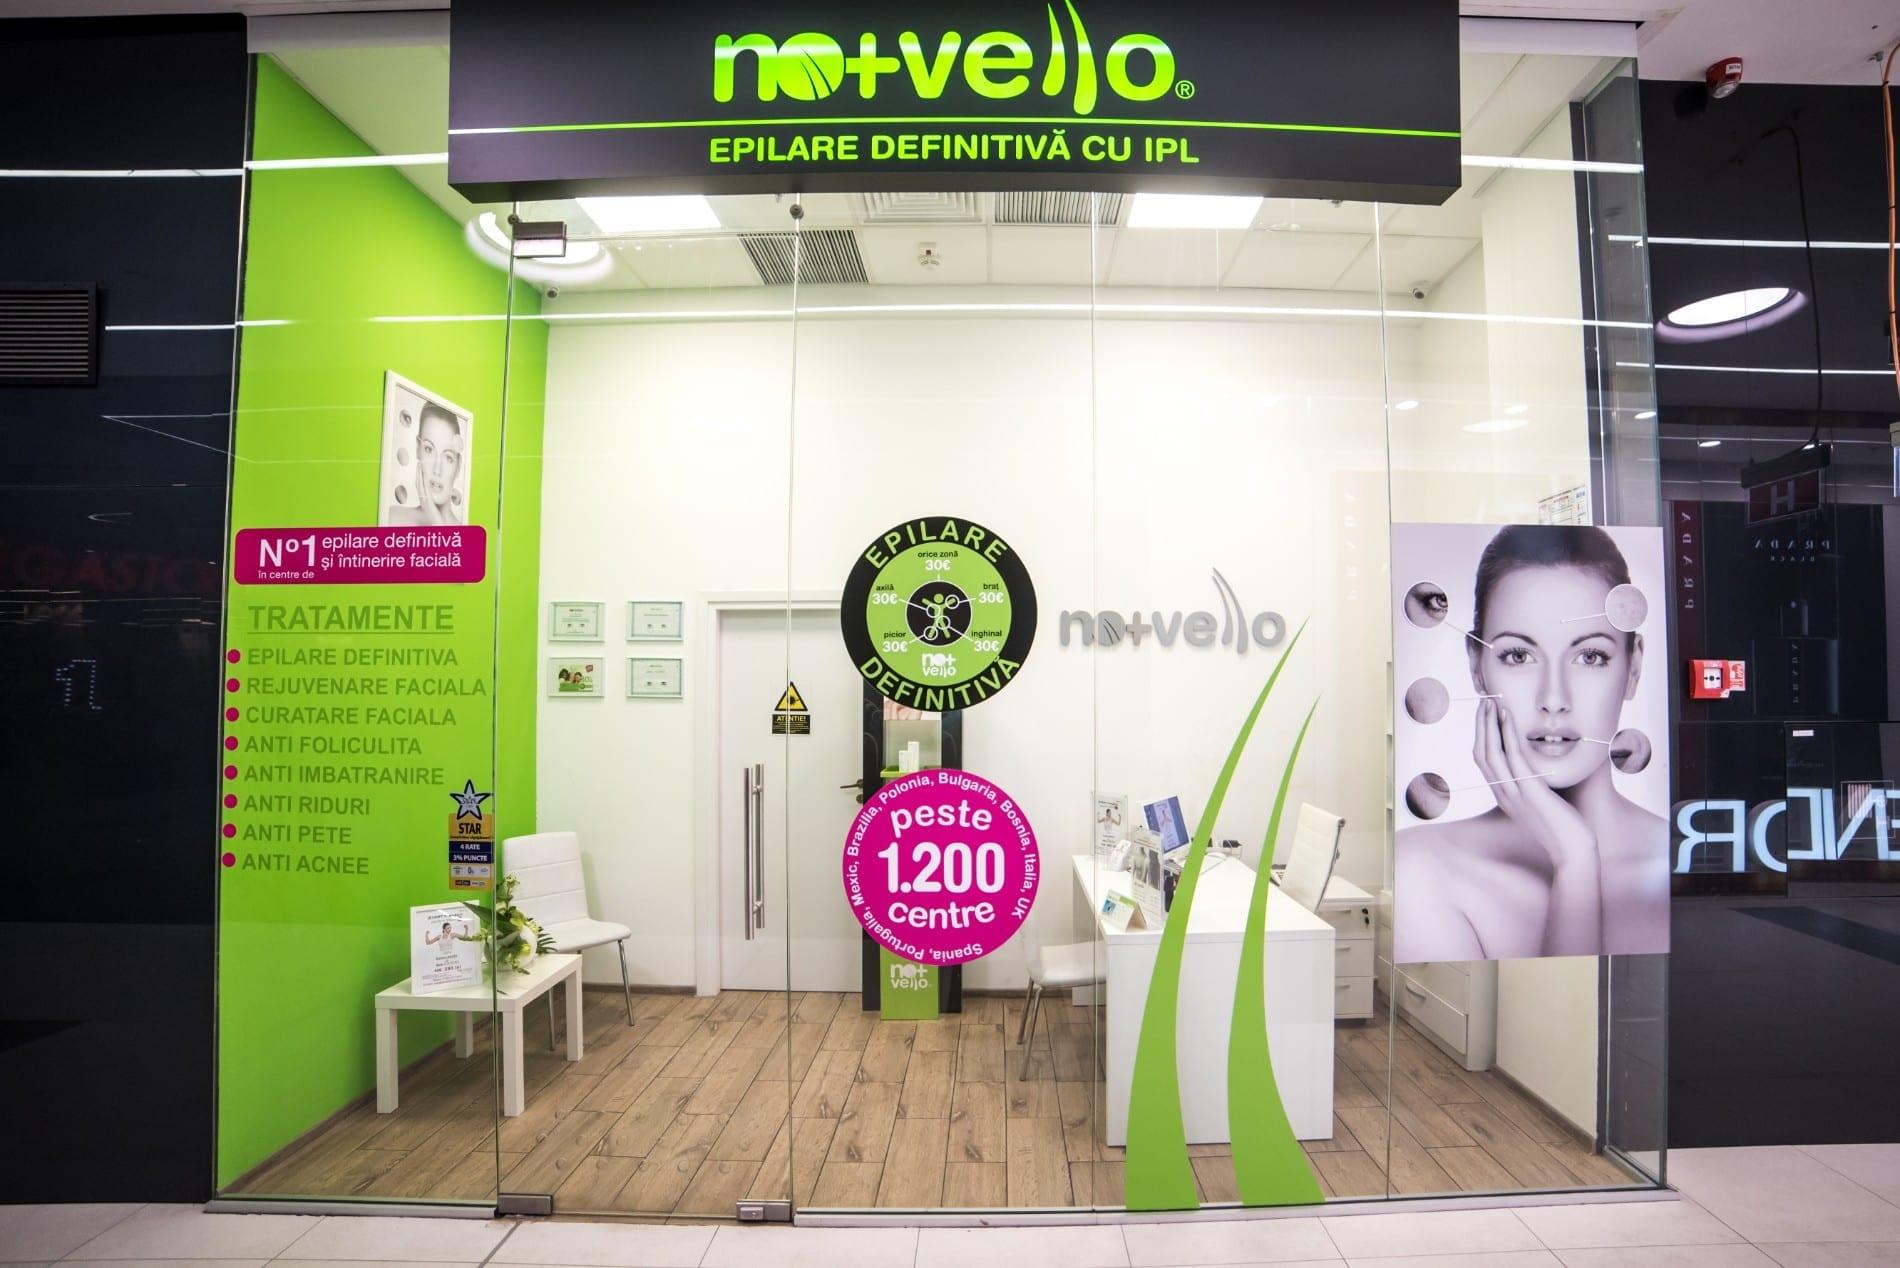 Salon Epilare Definitiva Tratamente Faciale Bucuresti Mega Mall